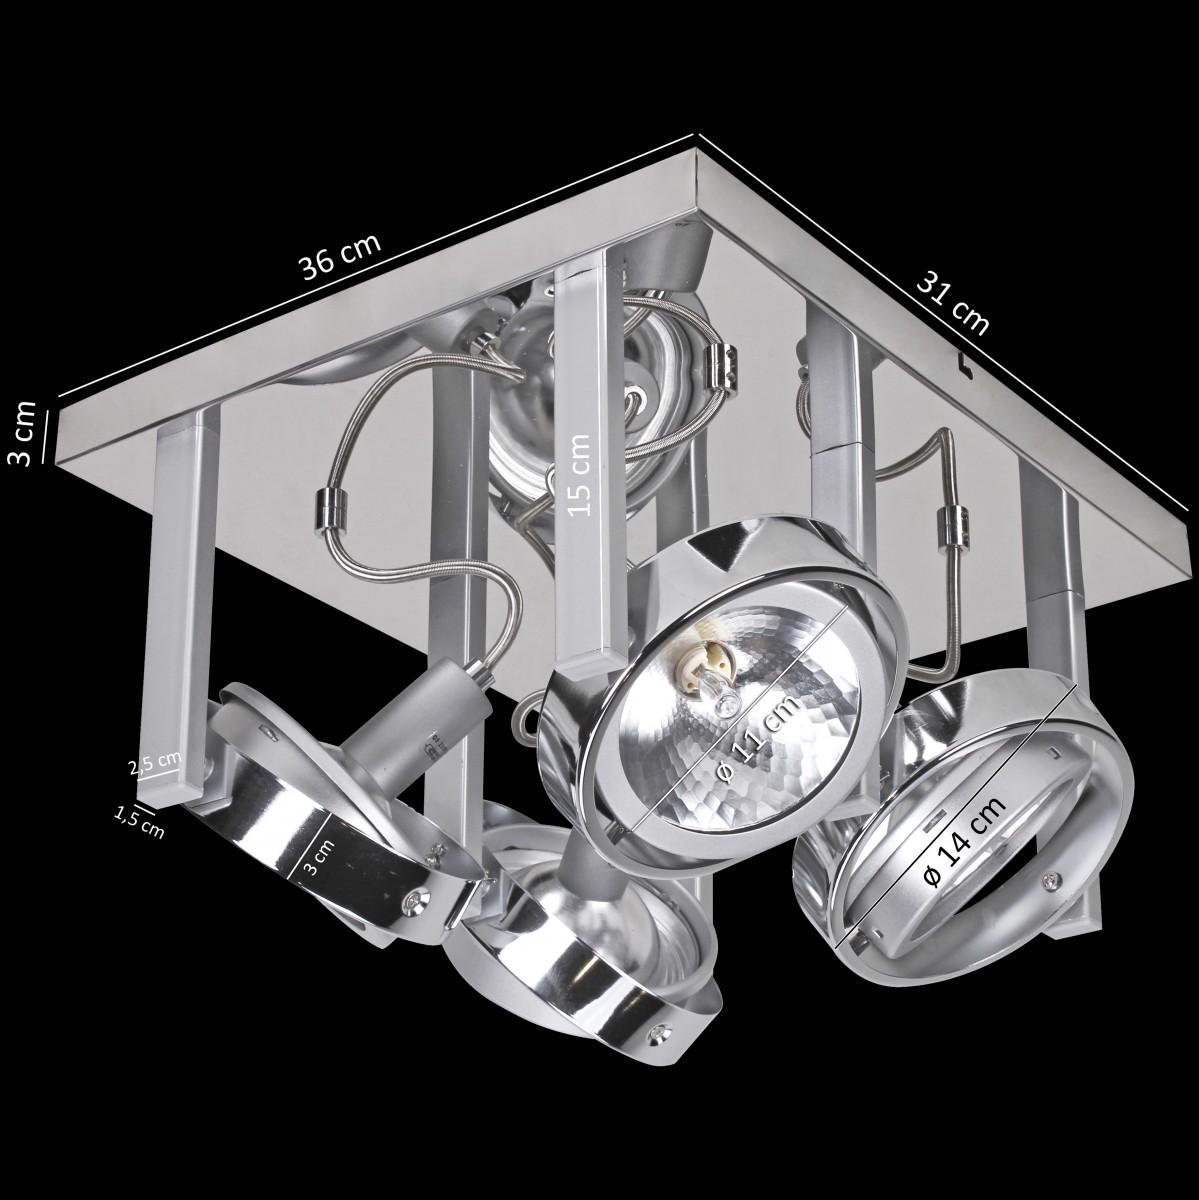 Full Size of Schlafzimmer Deckenlampe Deckenlampen Ideen Deckenleuchte Led Dimmbar Obi Modern Amazon Ikea Design Ultraslim Wohnzimmer Ip44 Landhausstil Lampe Wohnling 4 Schlafzimmer Schlafzimmer Deckenlampe